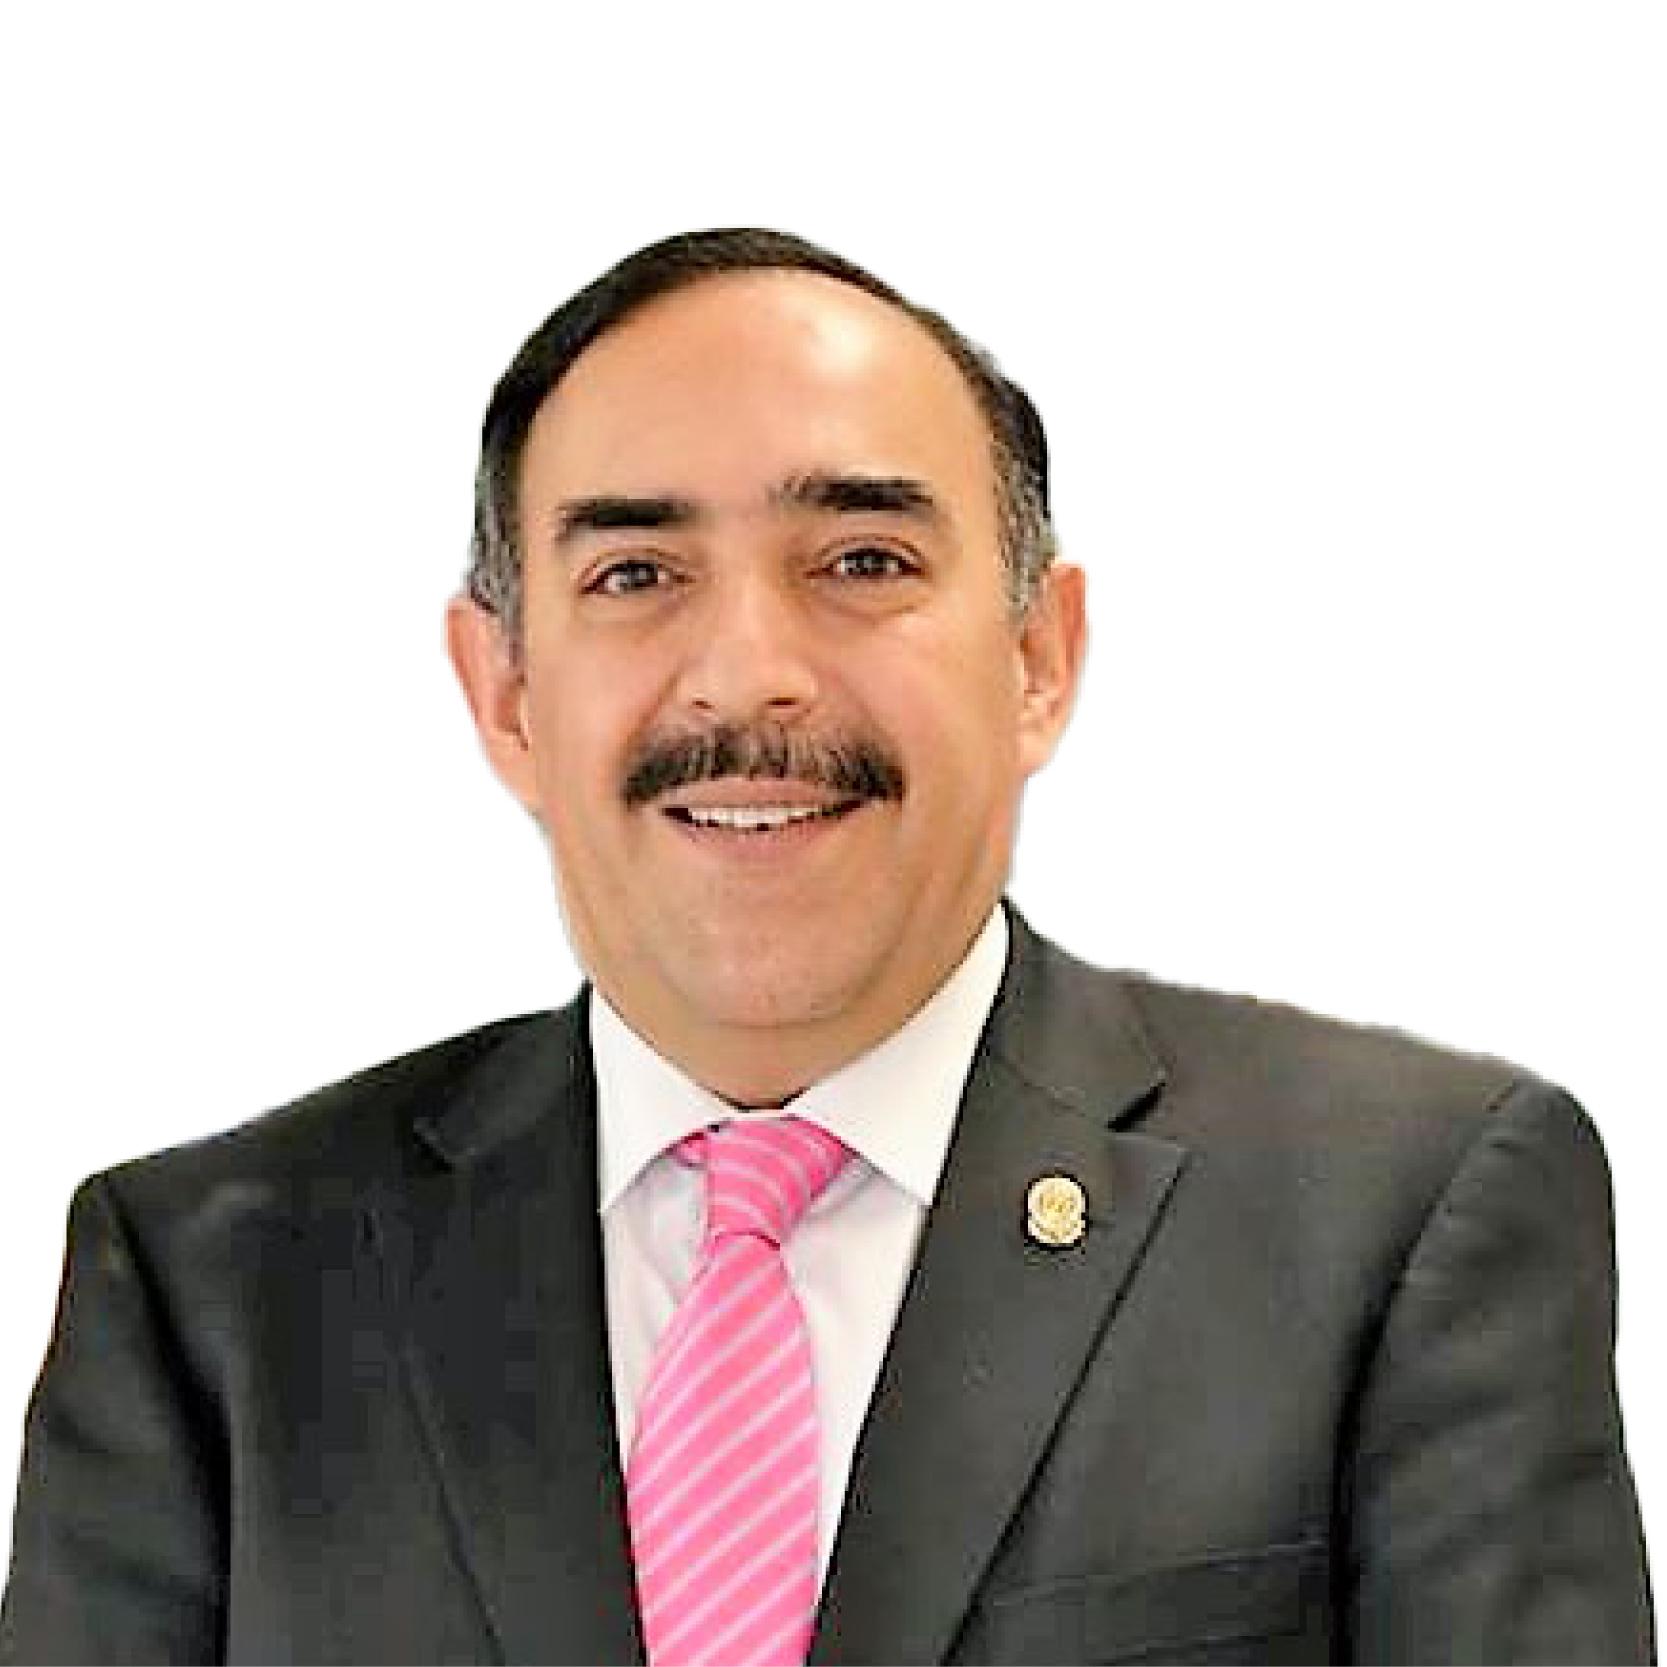 Jorge Ocampo